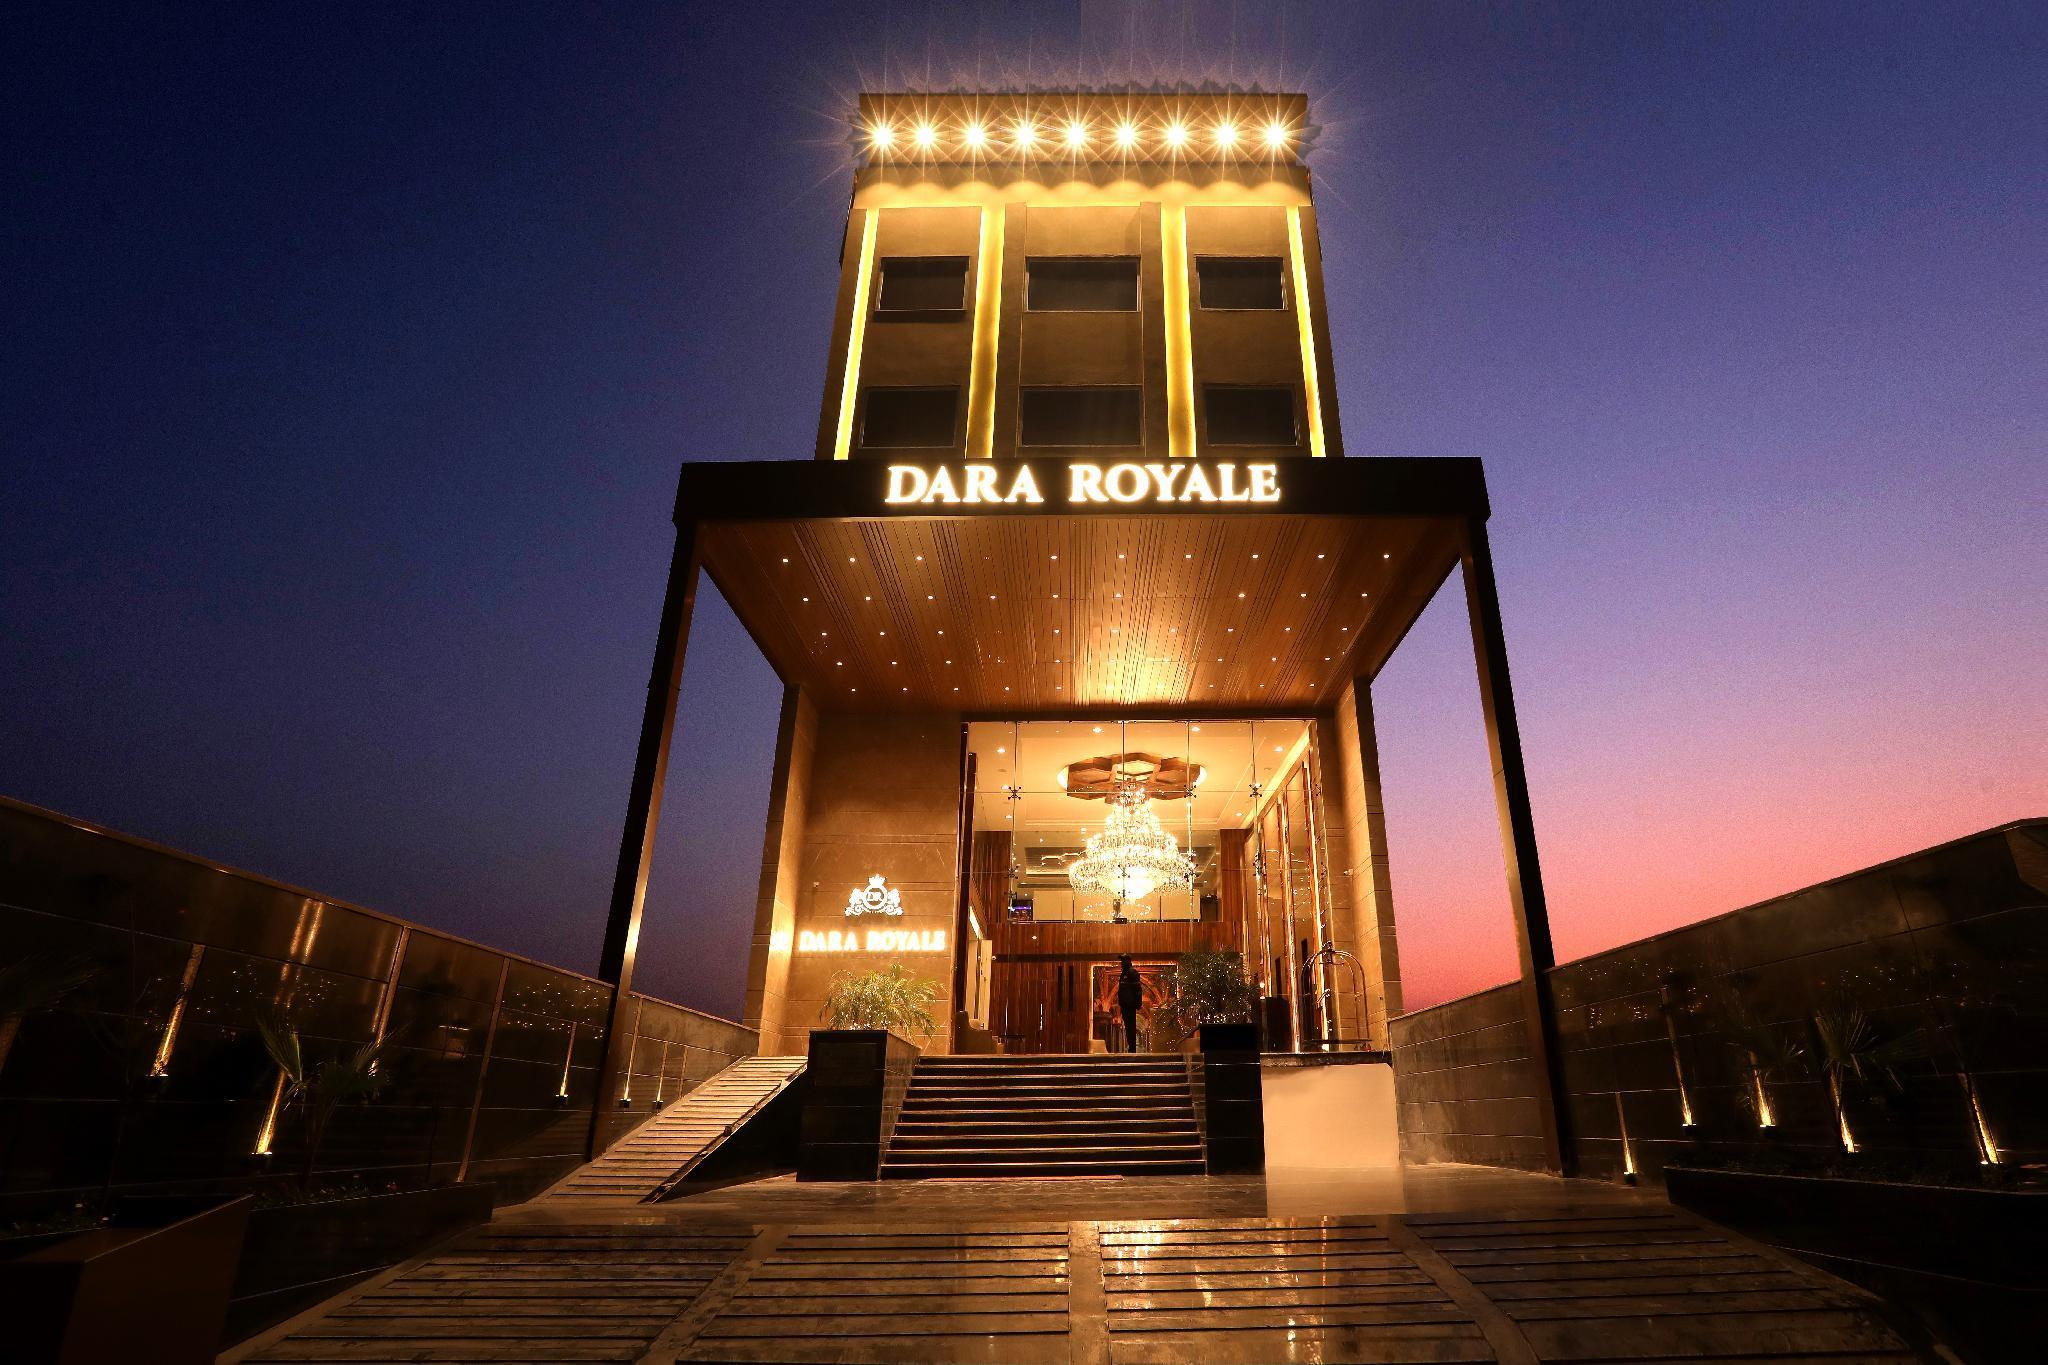 Dara Royale